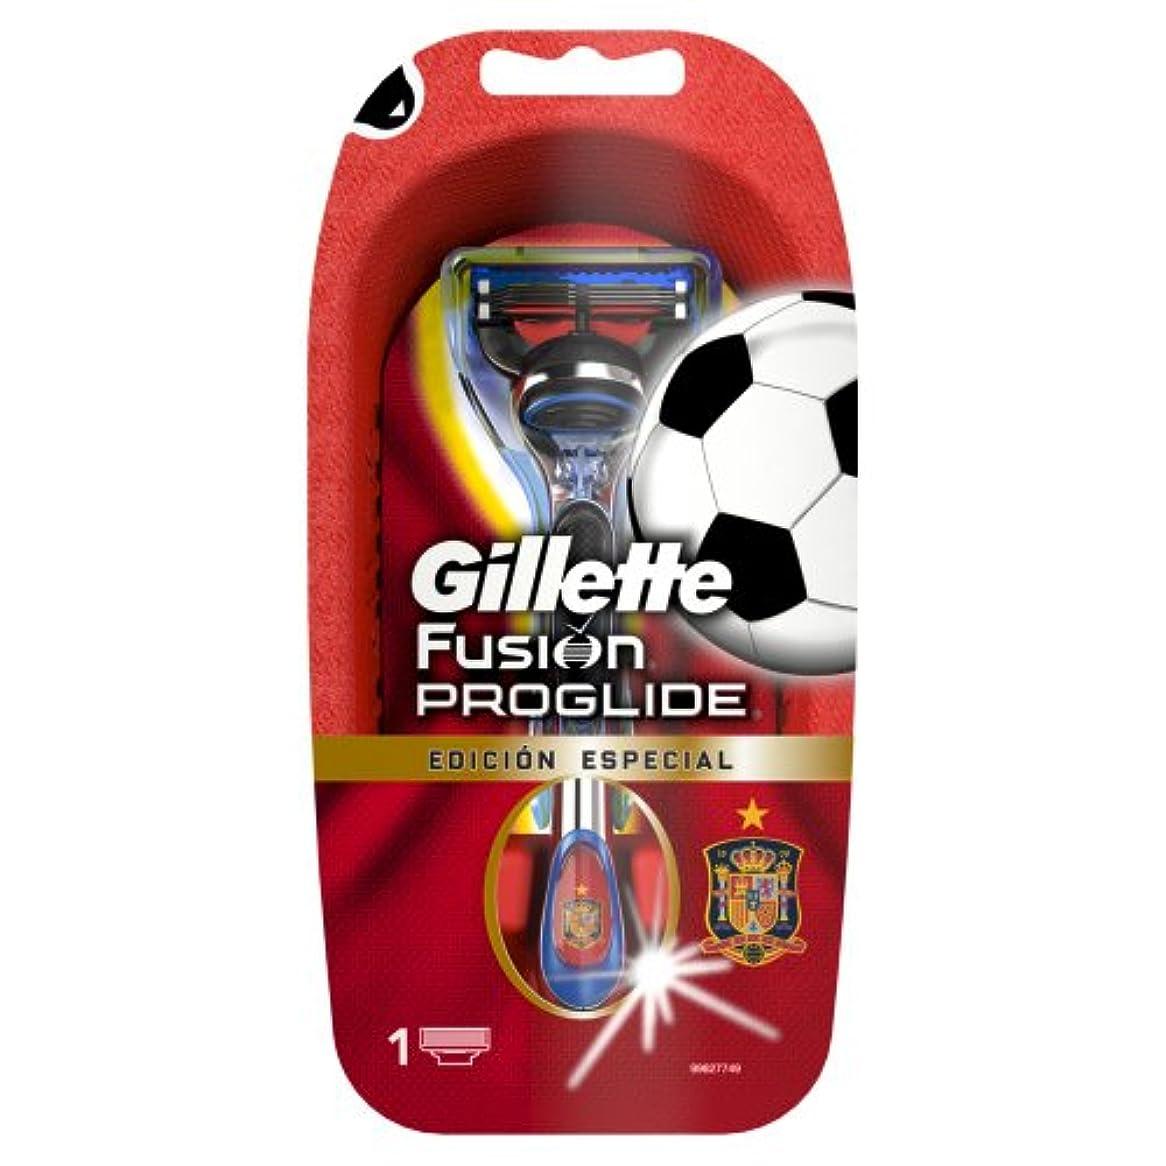 壊す影響を受けやすいです横たわる【数量限定品】 ジレット プログライド サッカースペインモデルホルダー